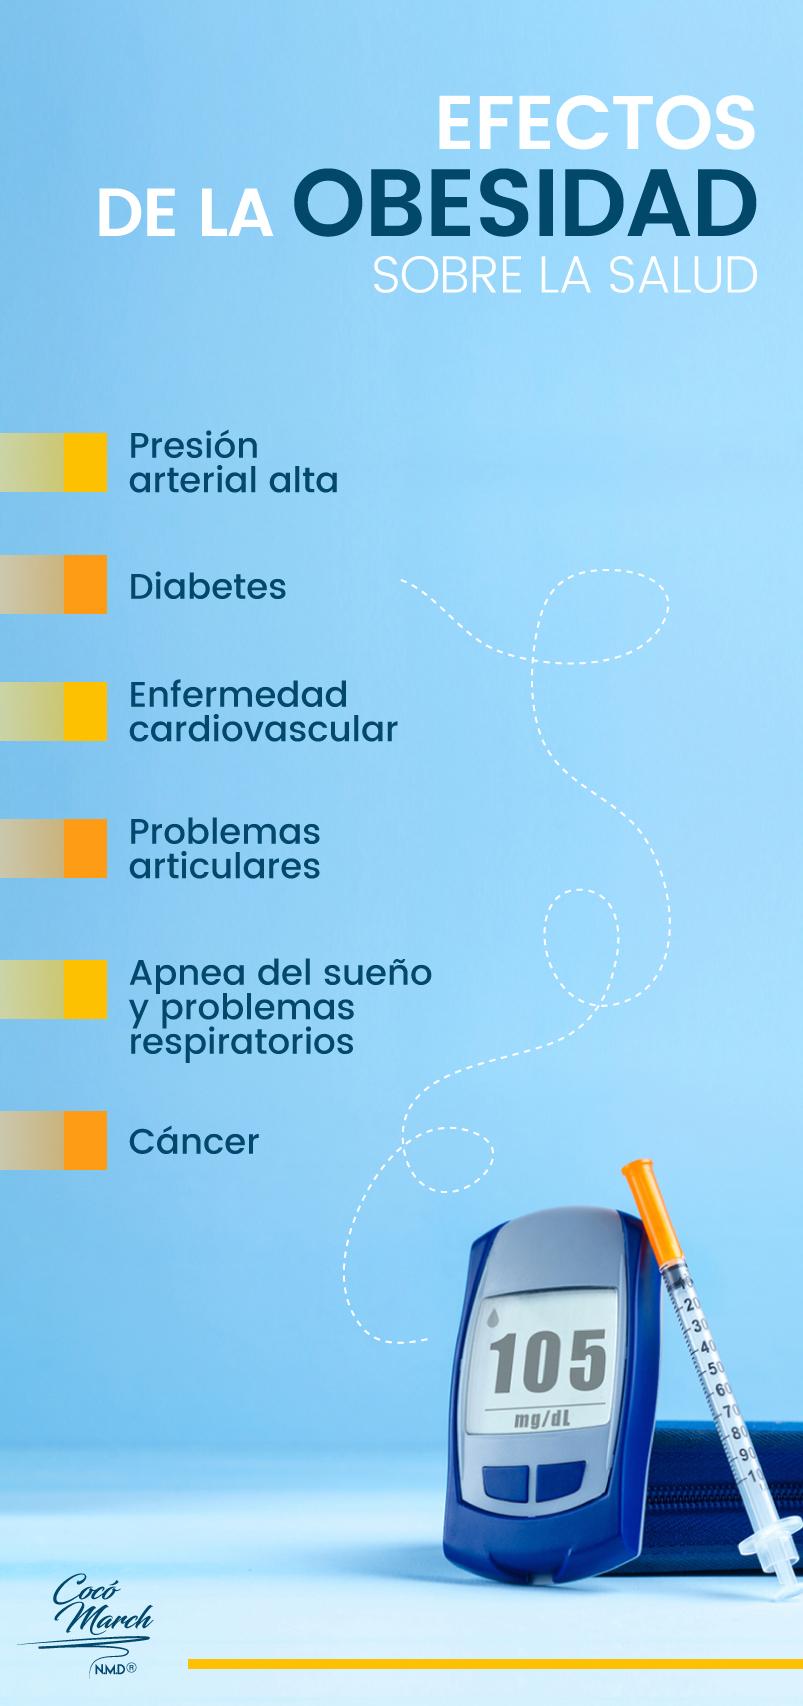 efectos-de-la-obesidad-sobre-la-salud